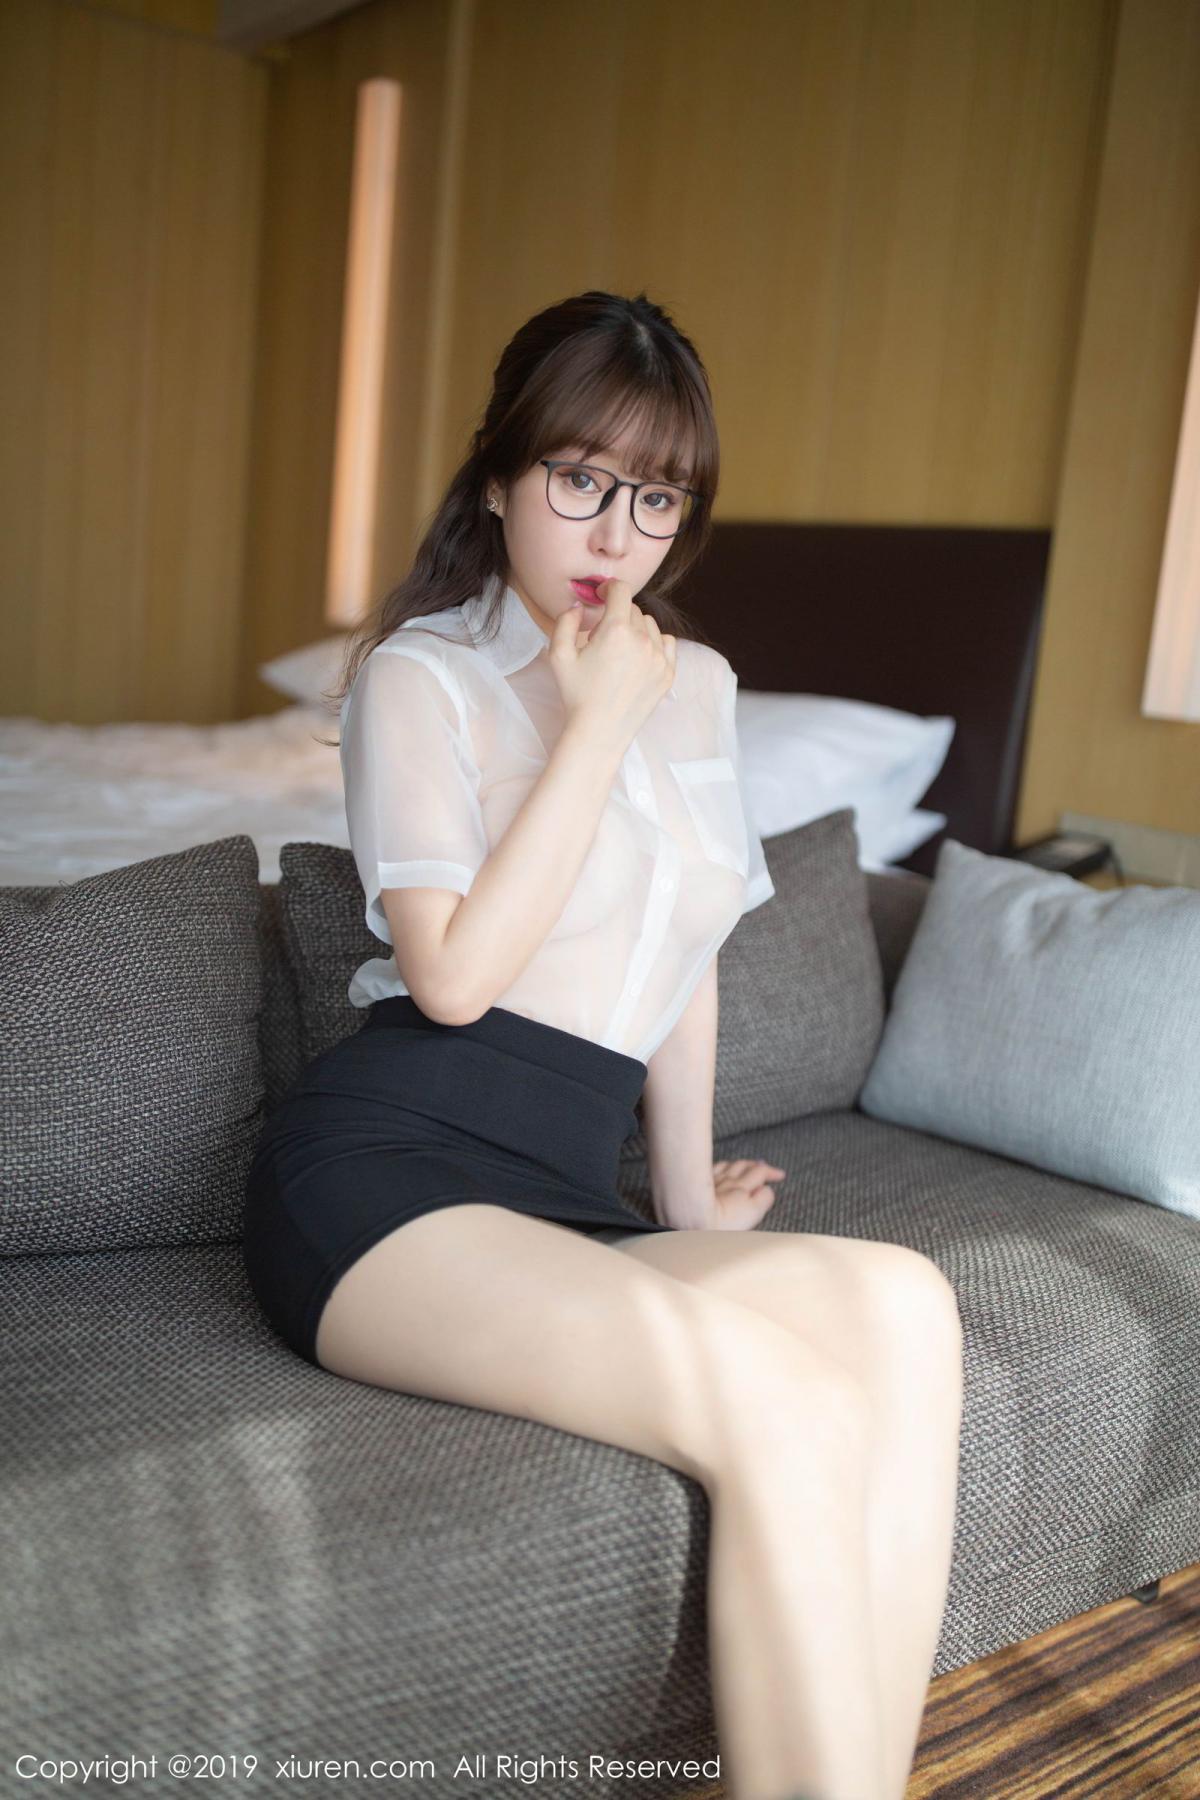 [XiuRen] Vol.1498 Wang Yu Chun 1P, Wang Yu Chun, Xiuren